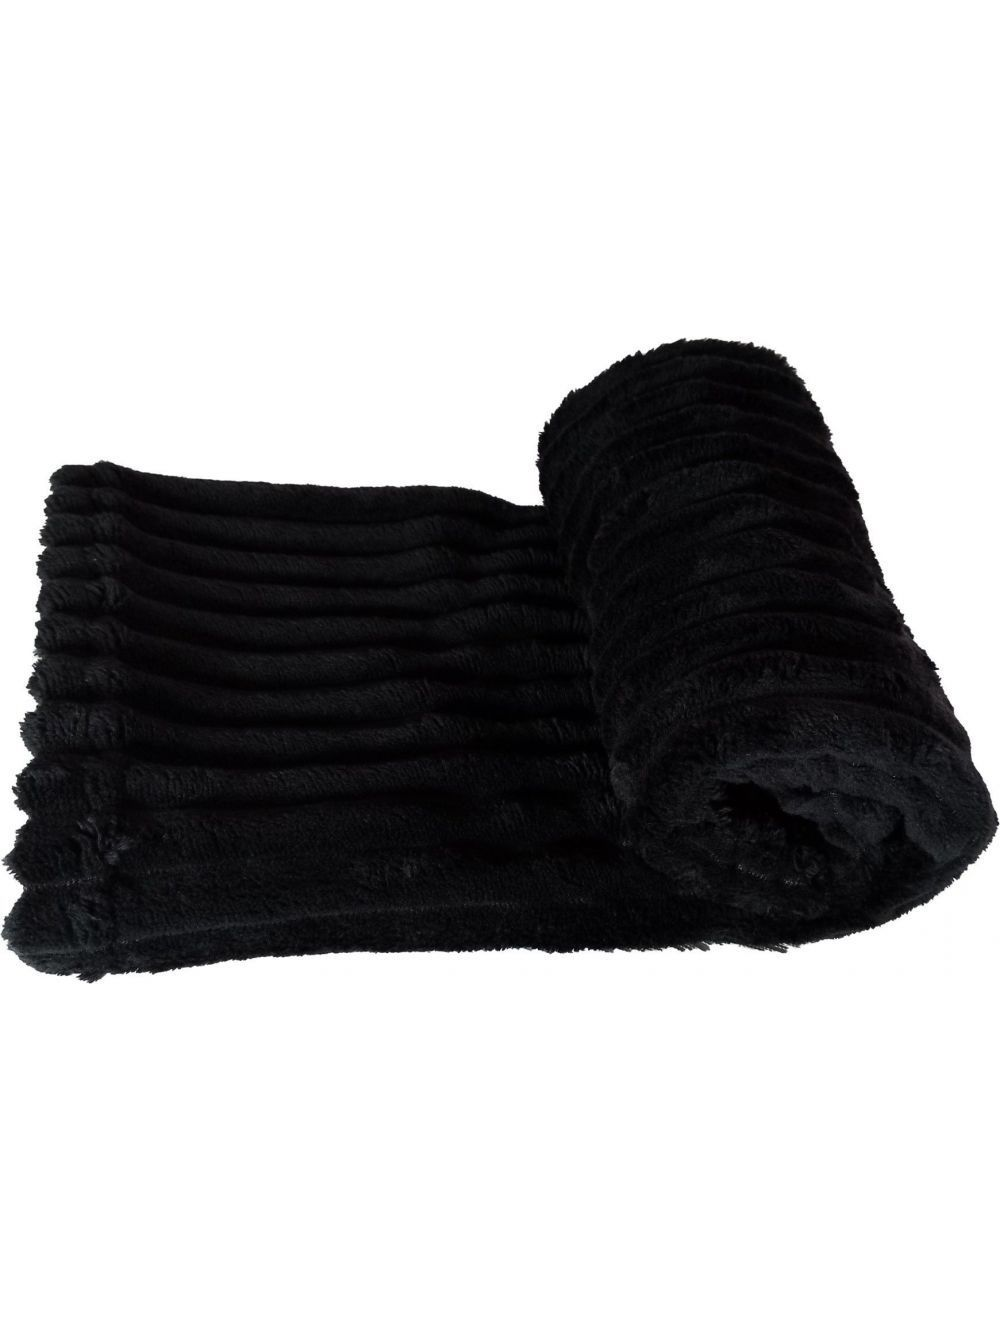 Cobija Relief para Mascotas Negro L